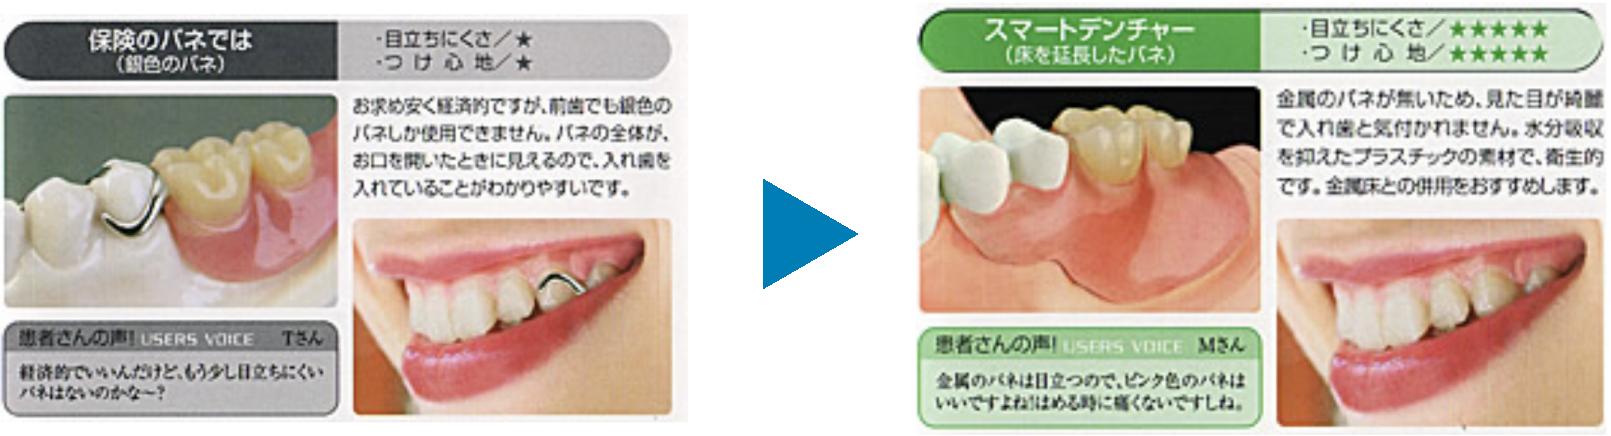 和田精密歯研究パンフレット